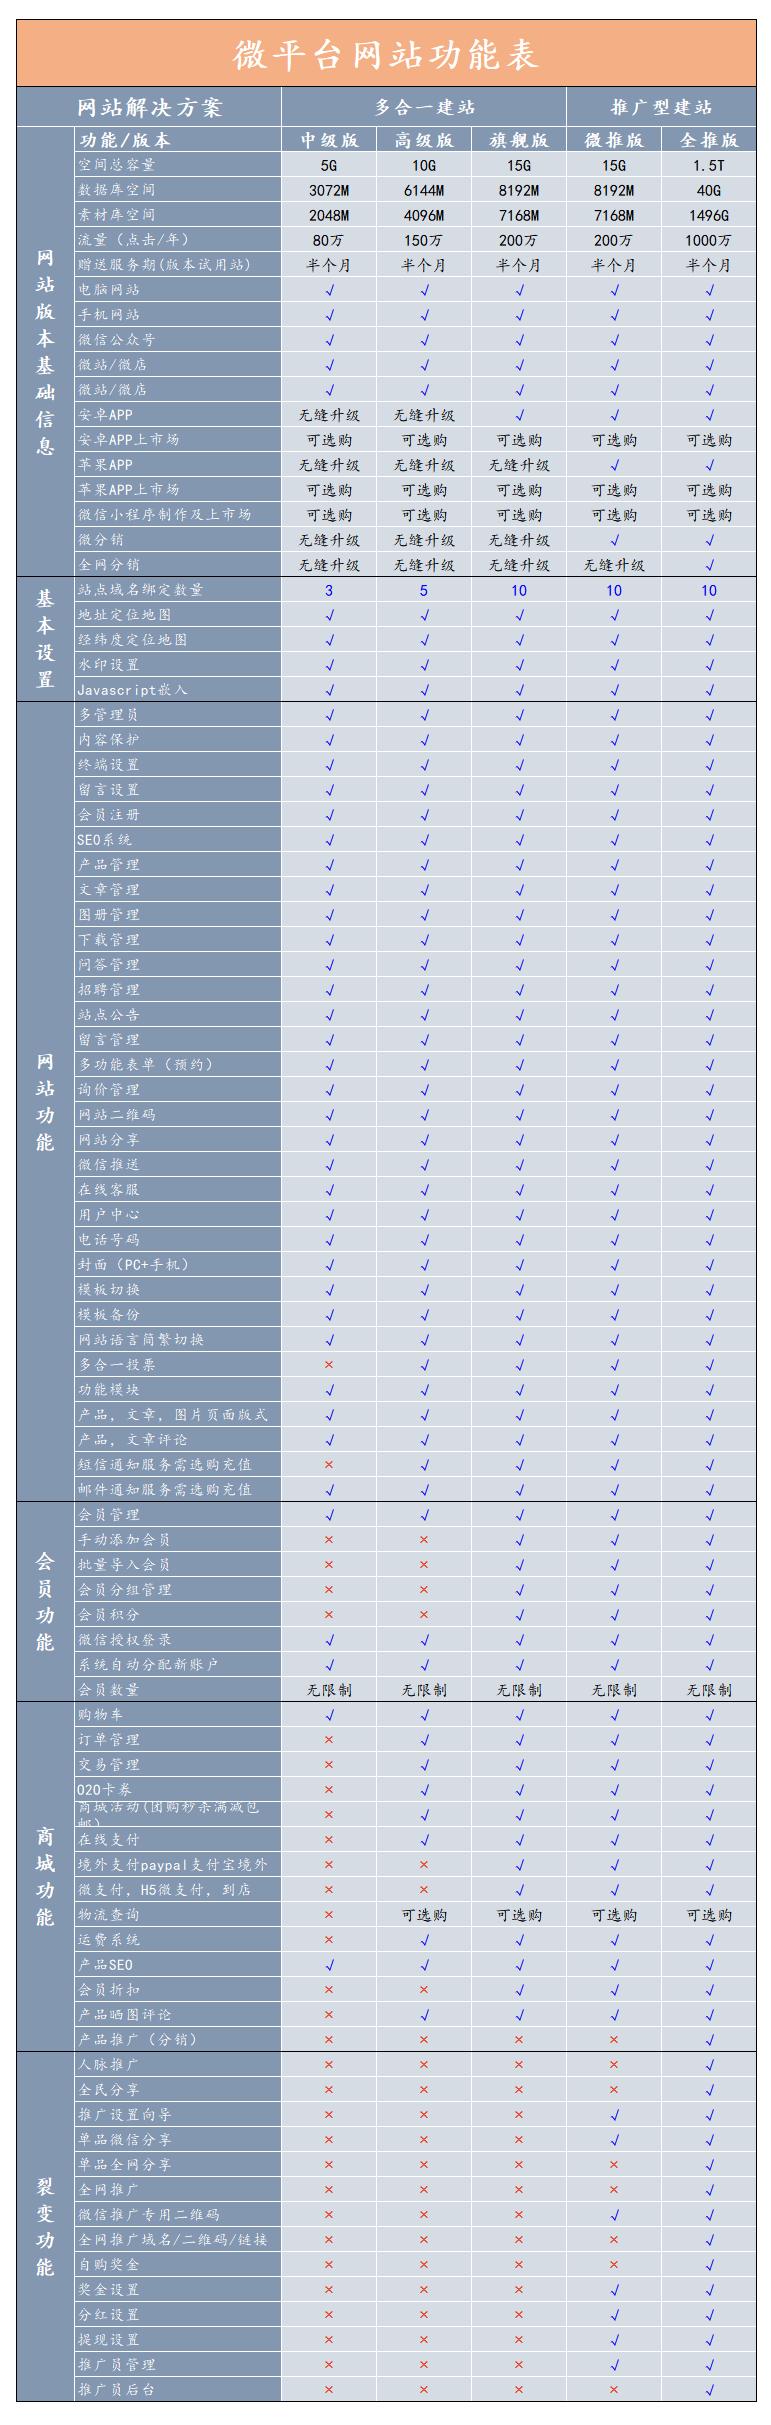 微平台多合一建站系统规格表